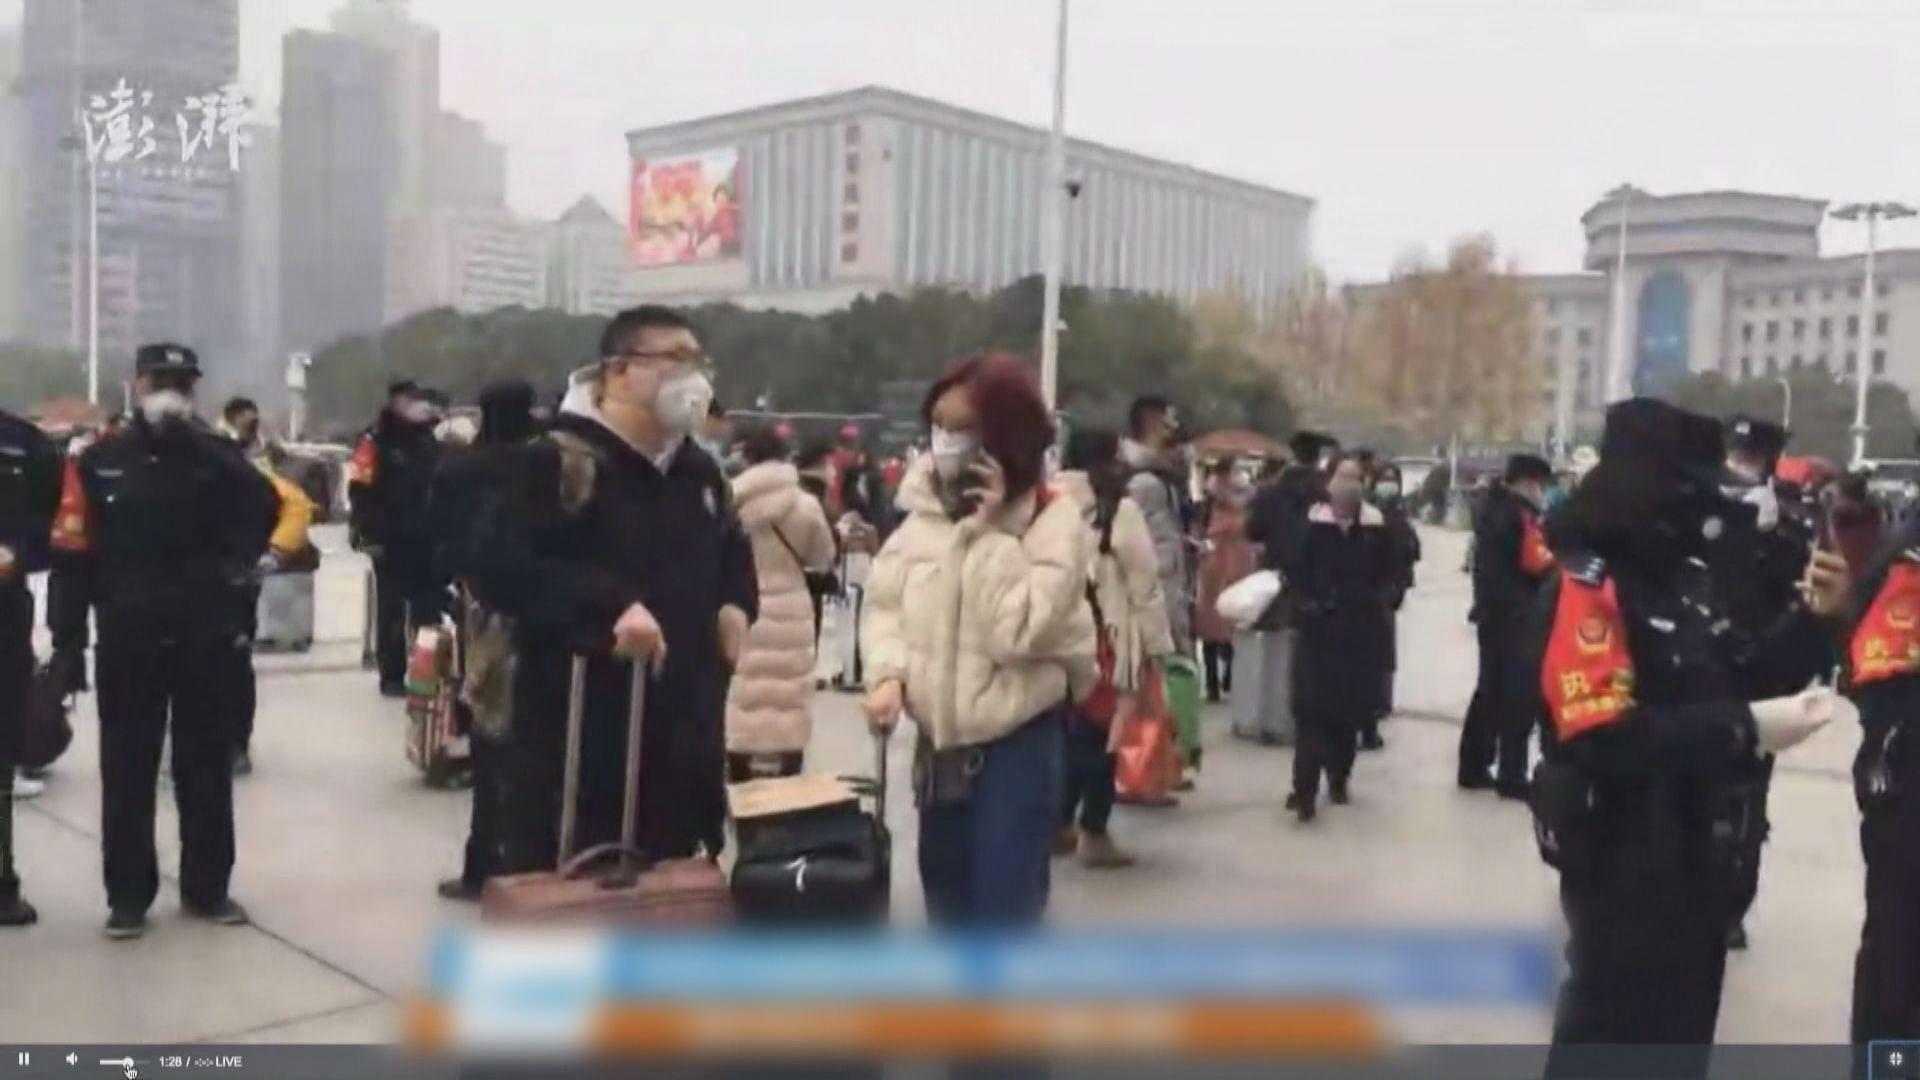 【武漢封城】公共交通停運 機場火車站關閉離漢通道